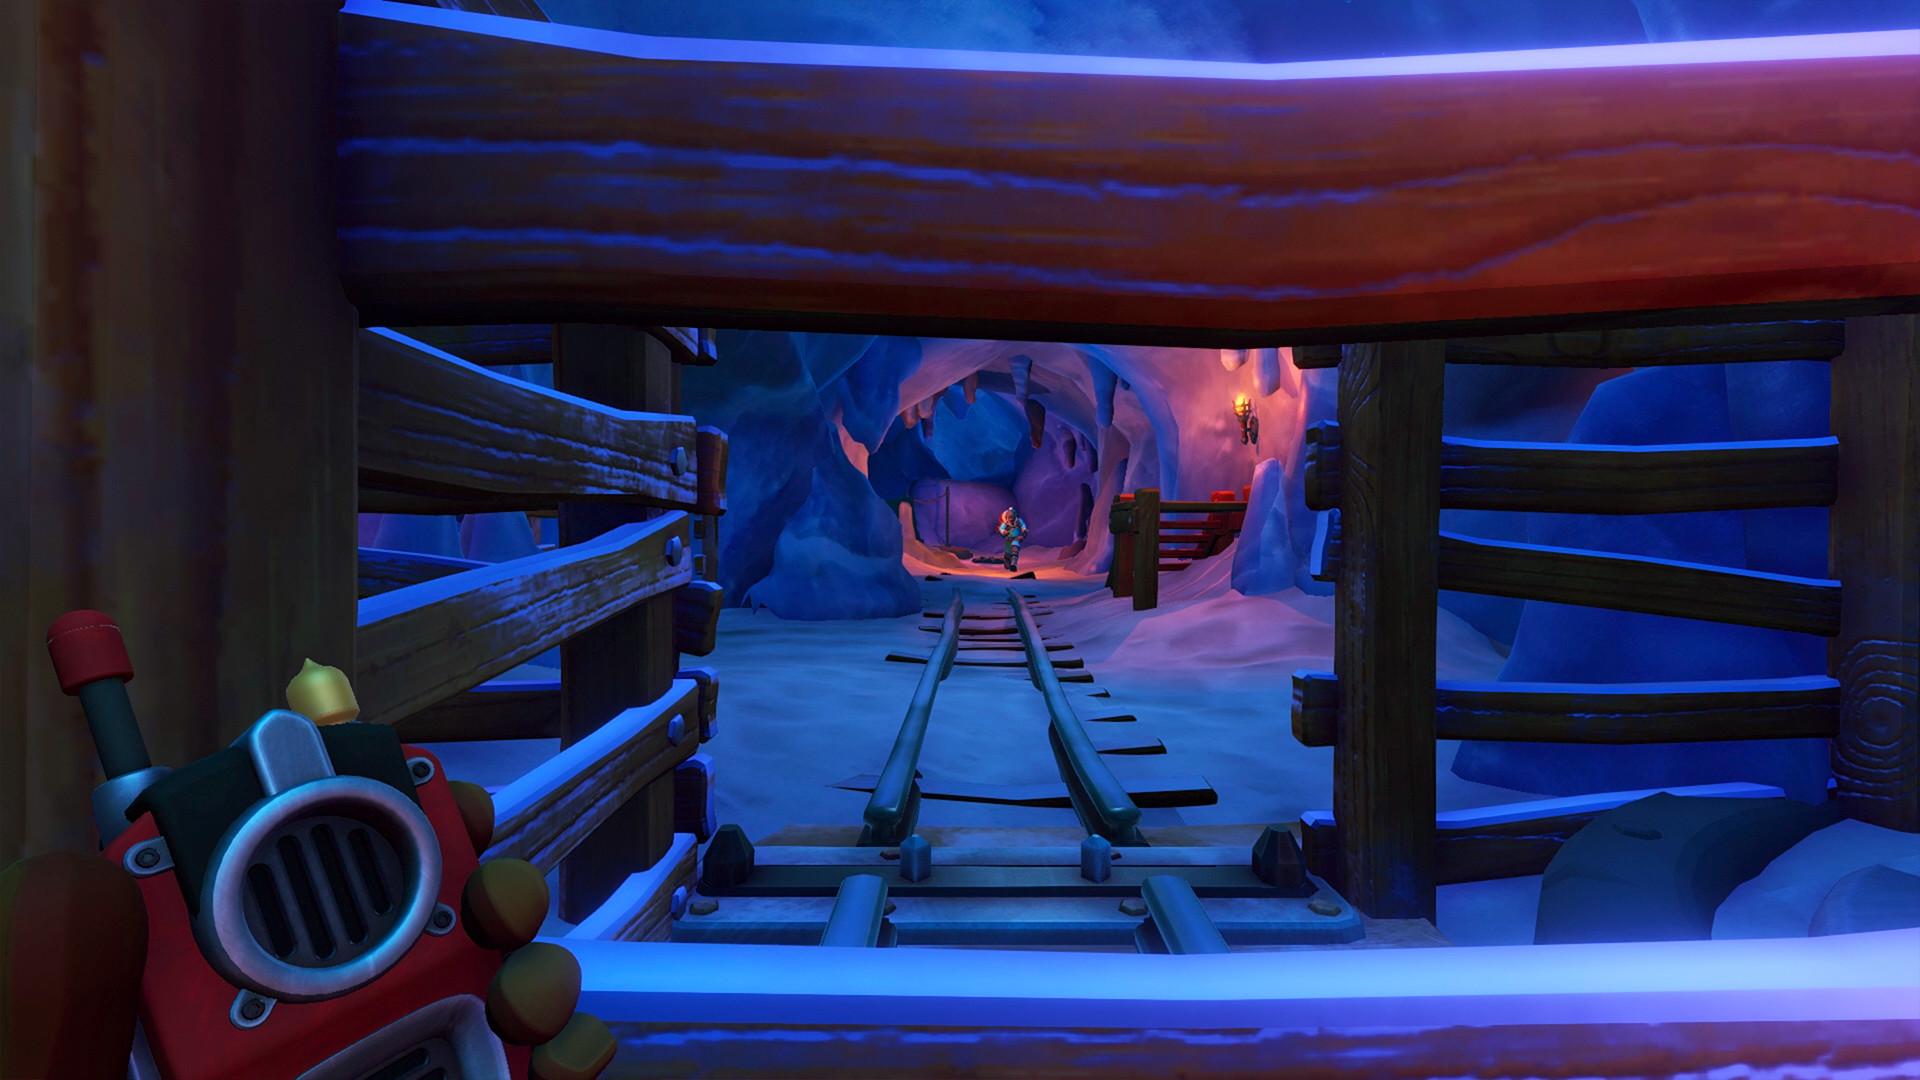 Link Tải Game We Were Here Together Miễn Phí Thành Công